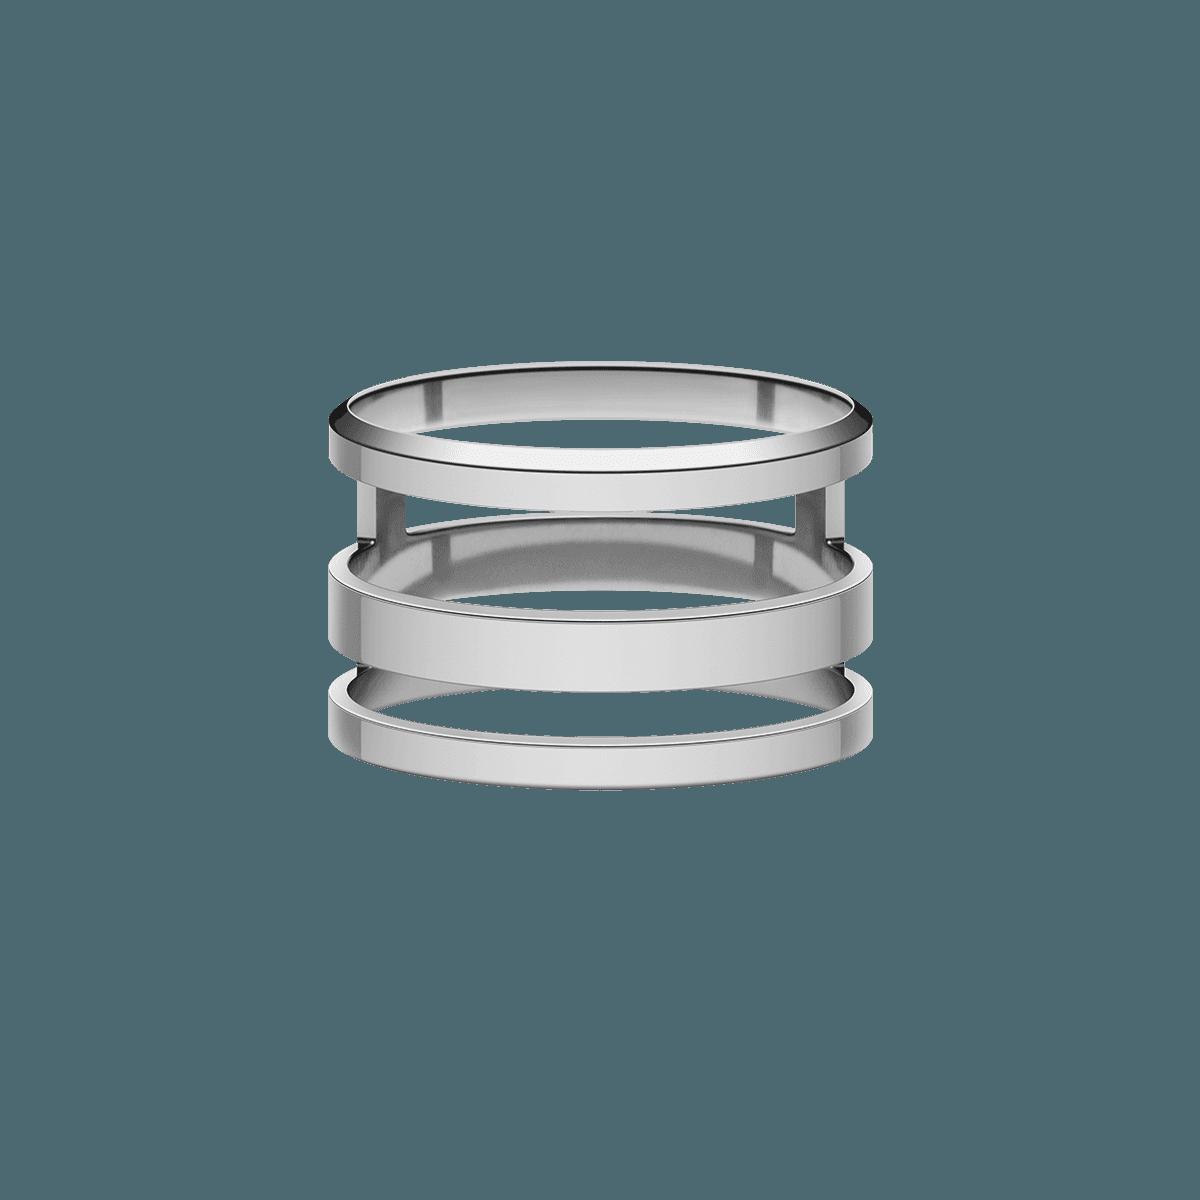 Elan Triad Ring Silver 54